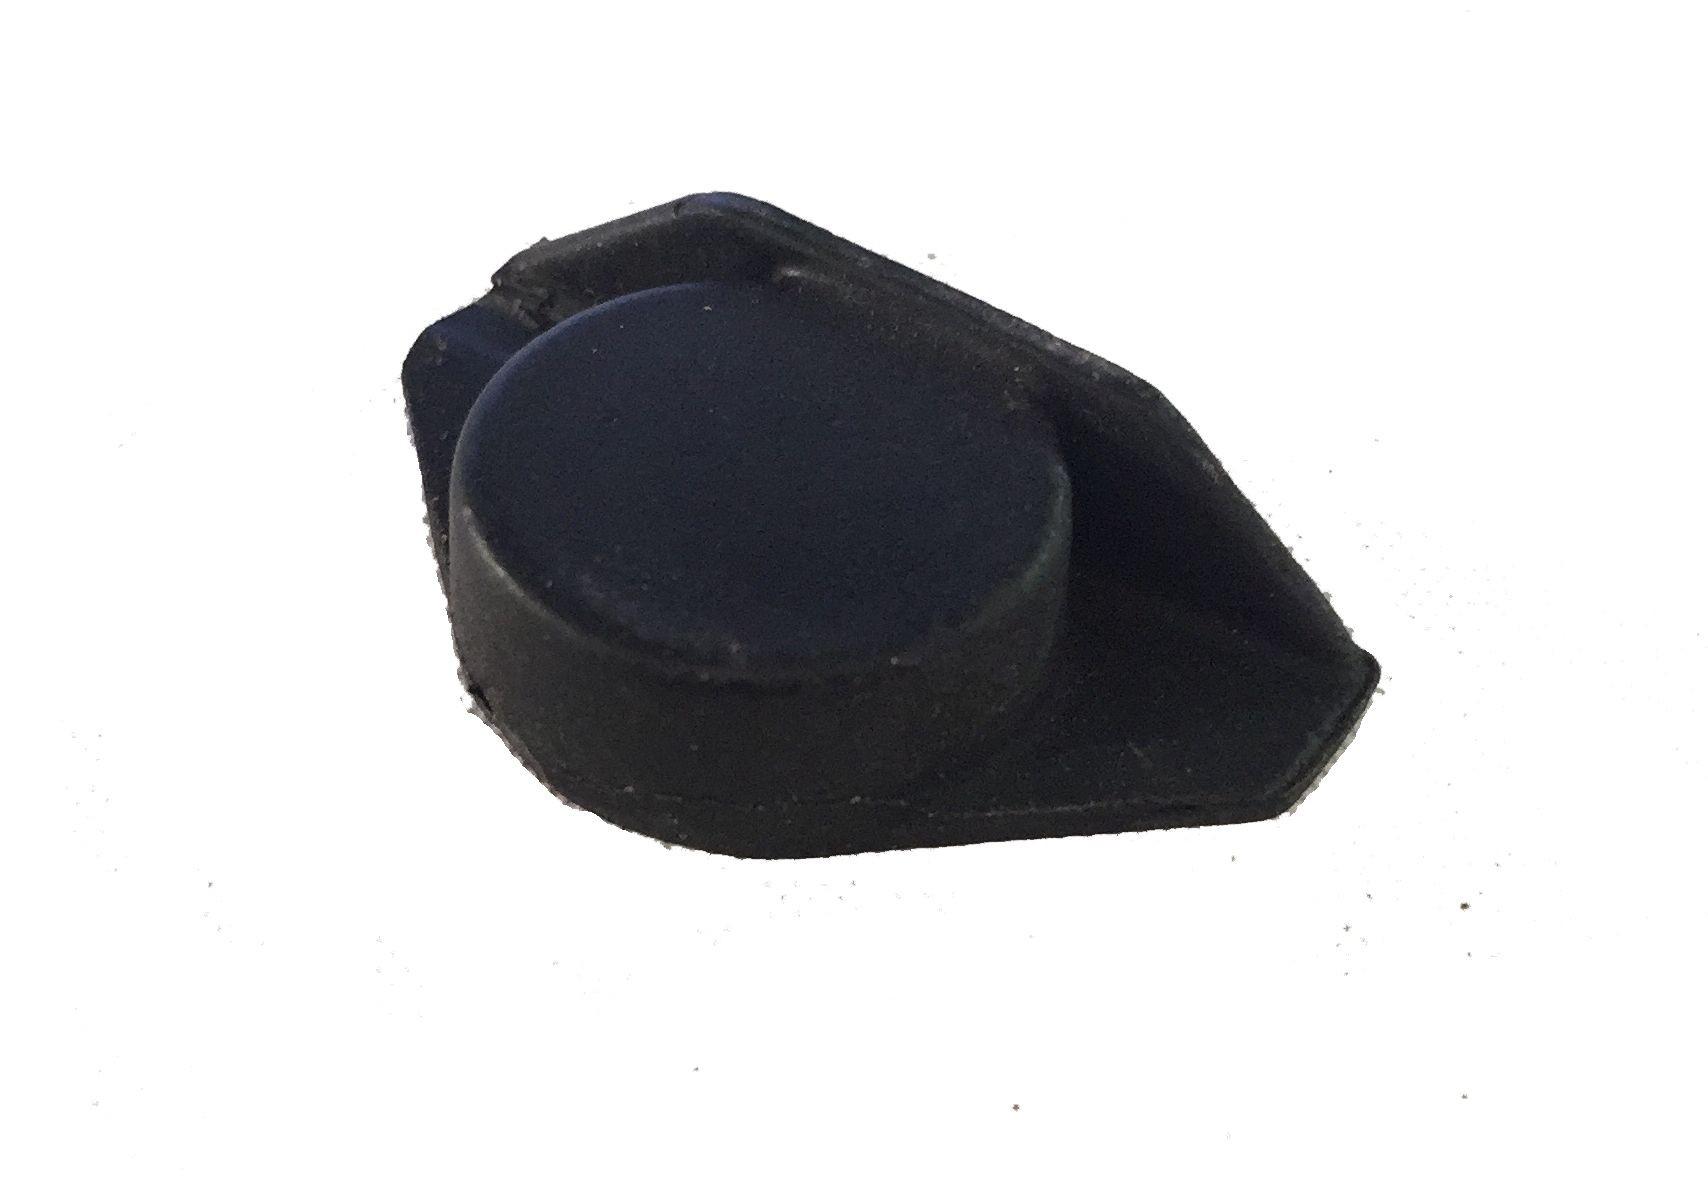 descuento gran colección precio favorable sombrero guardia civil - Playmoebius